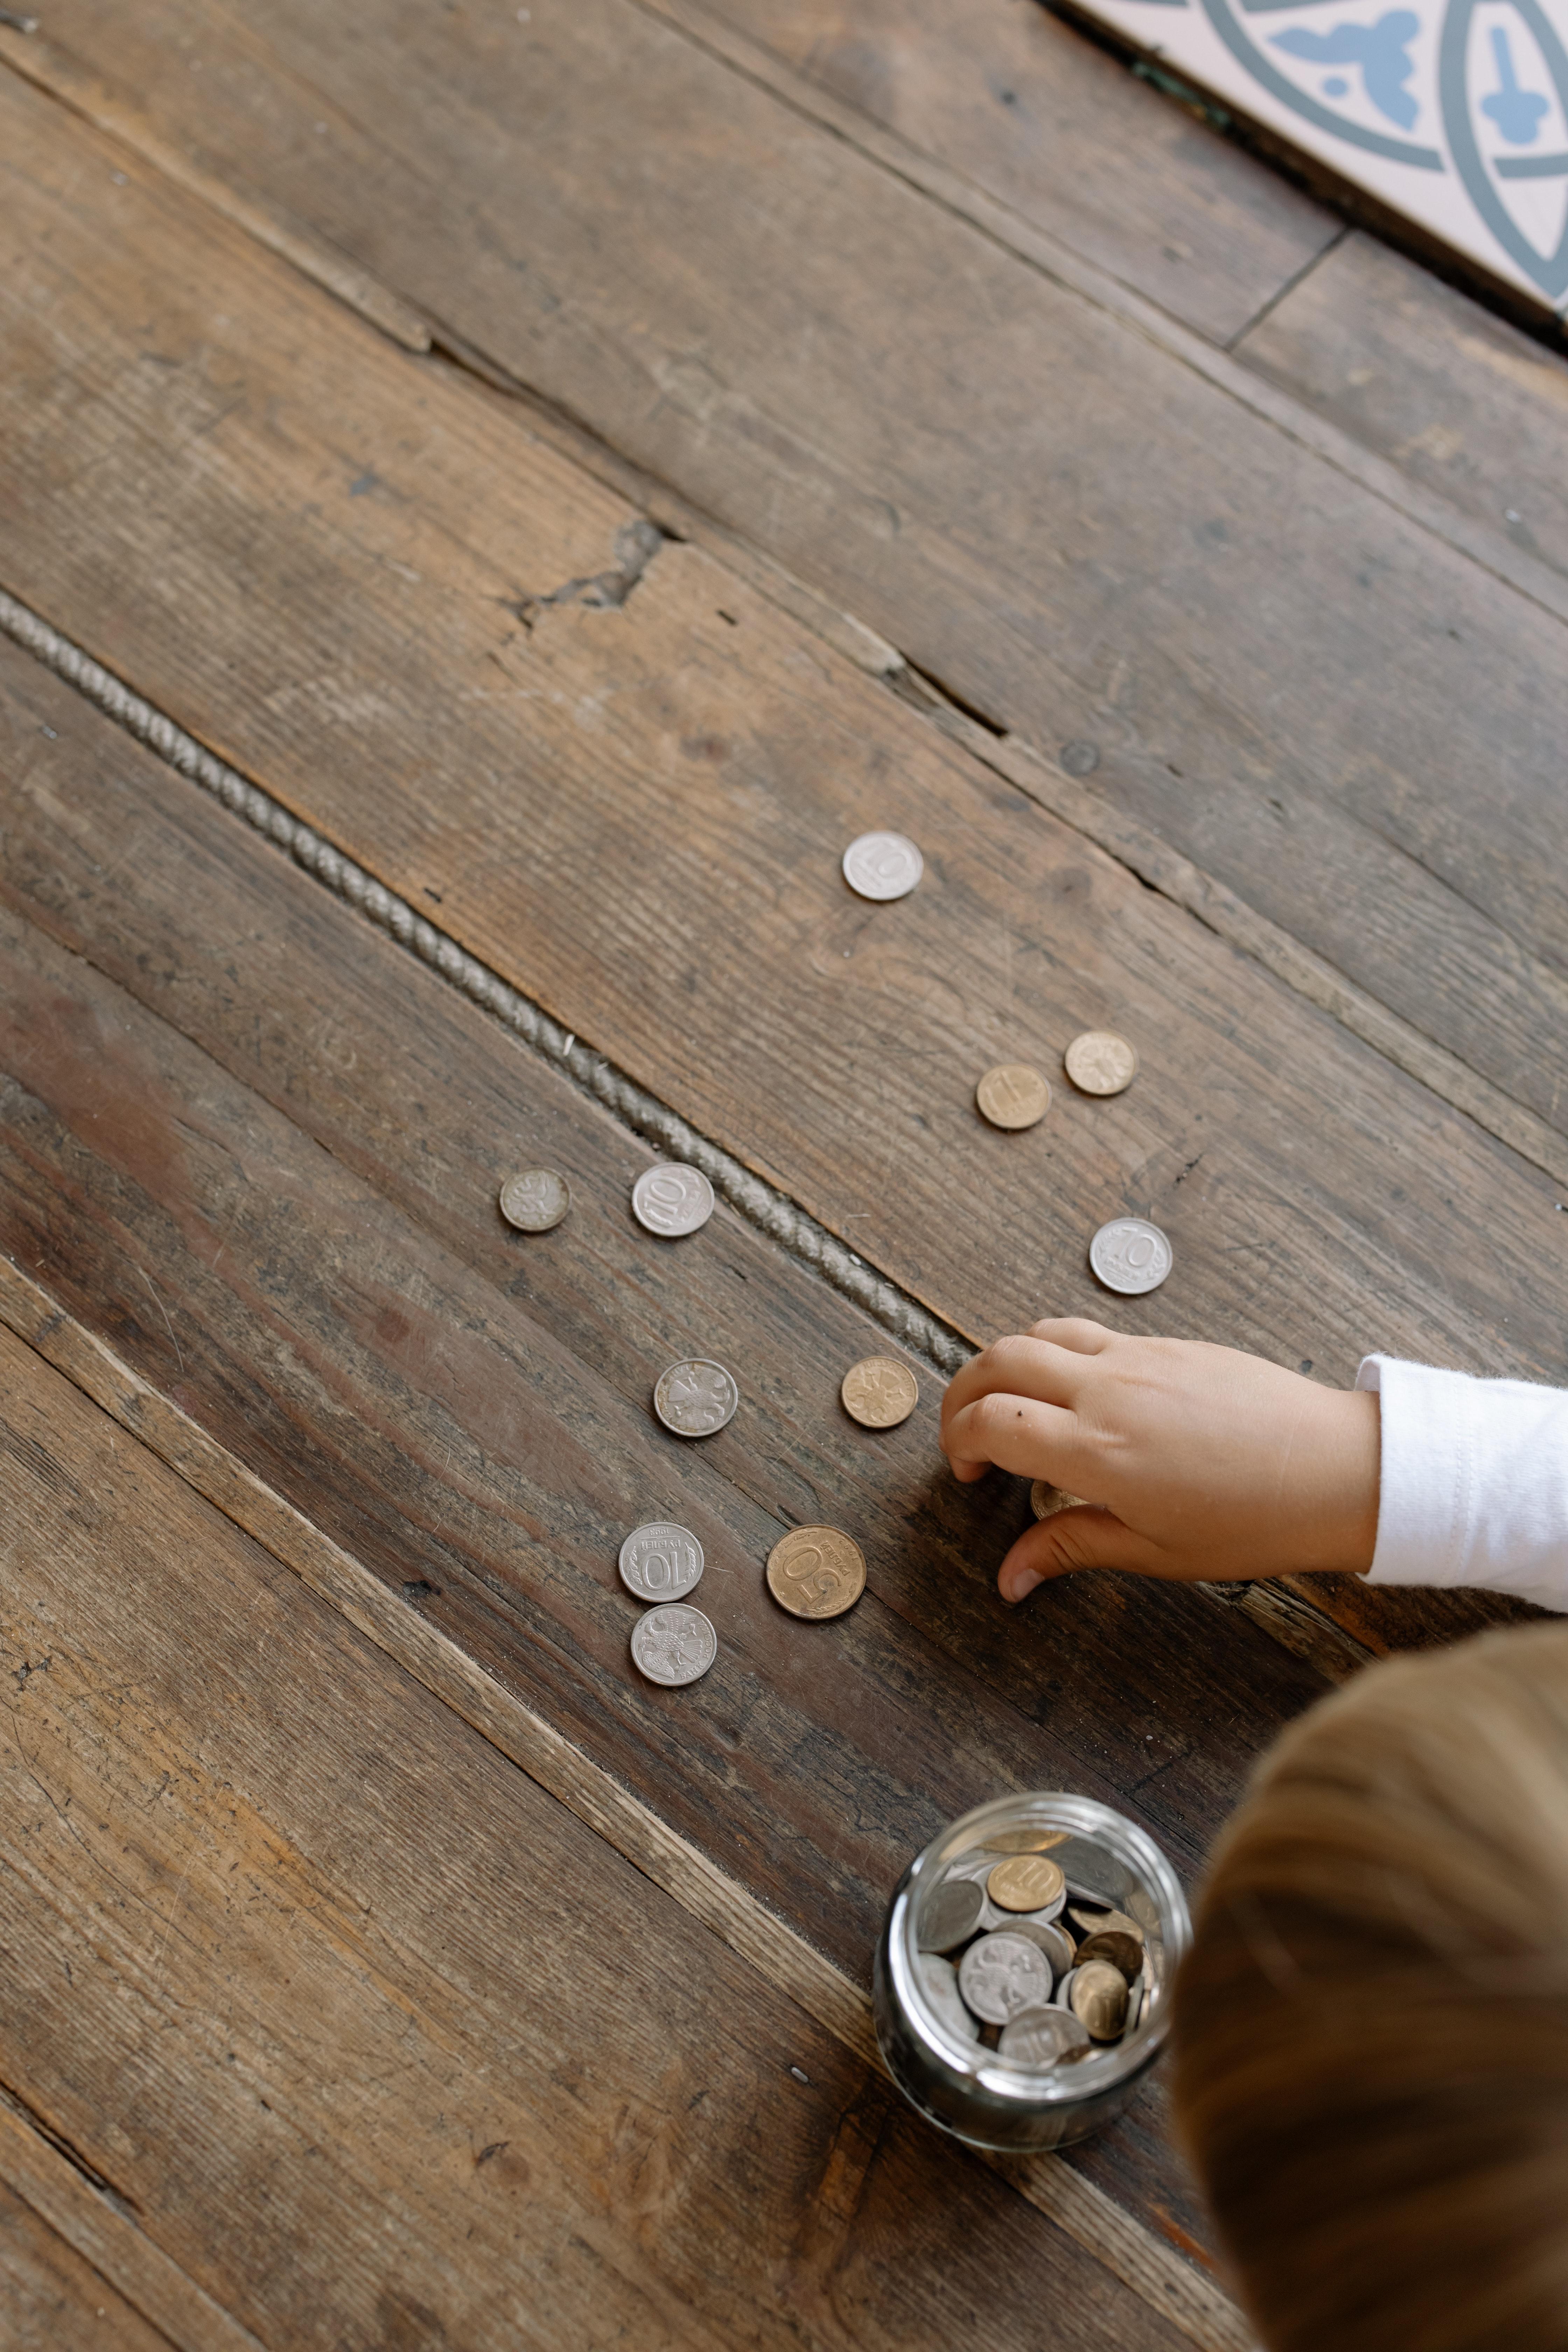 Que faire si votre enfant a avalé un objet?